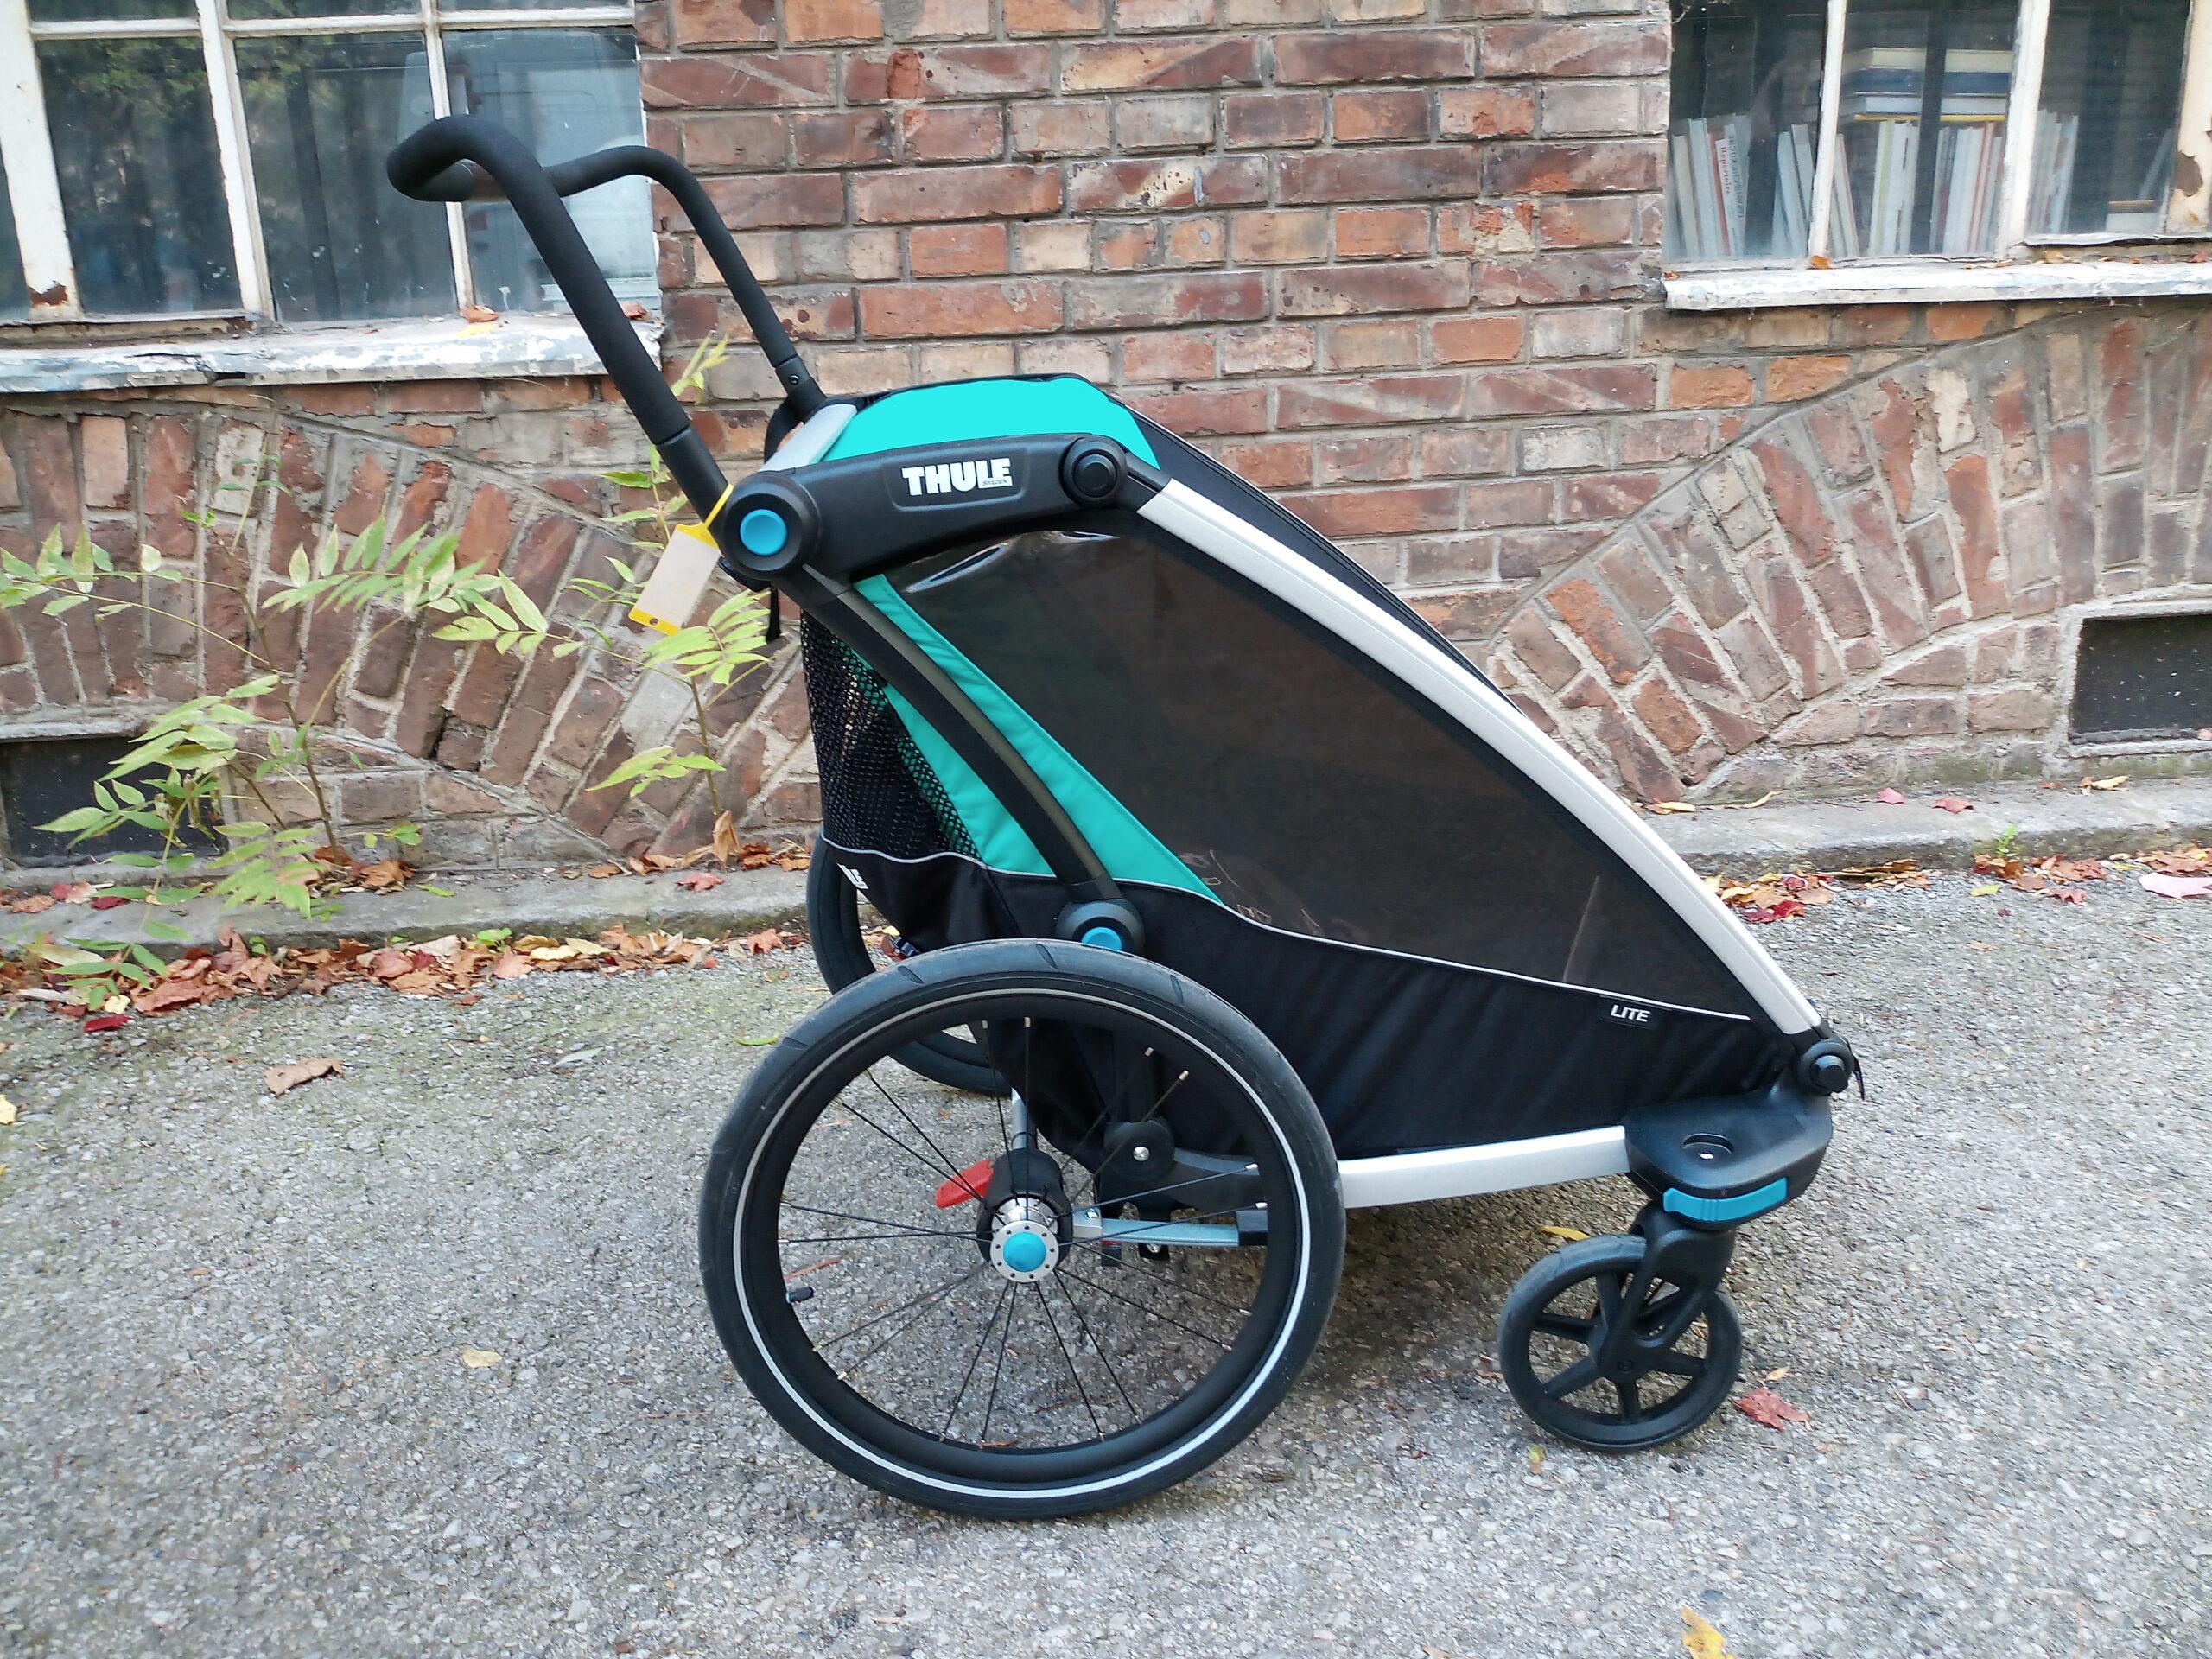 Thule Chariot Lite 2 Kinderanhänger bei Heavy Pedals in Wien kaufen